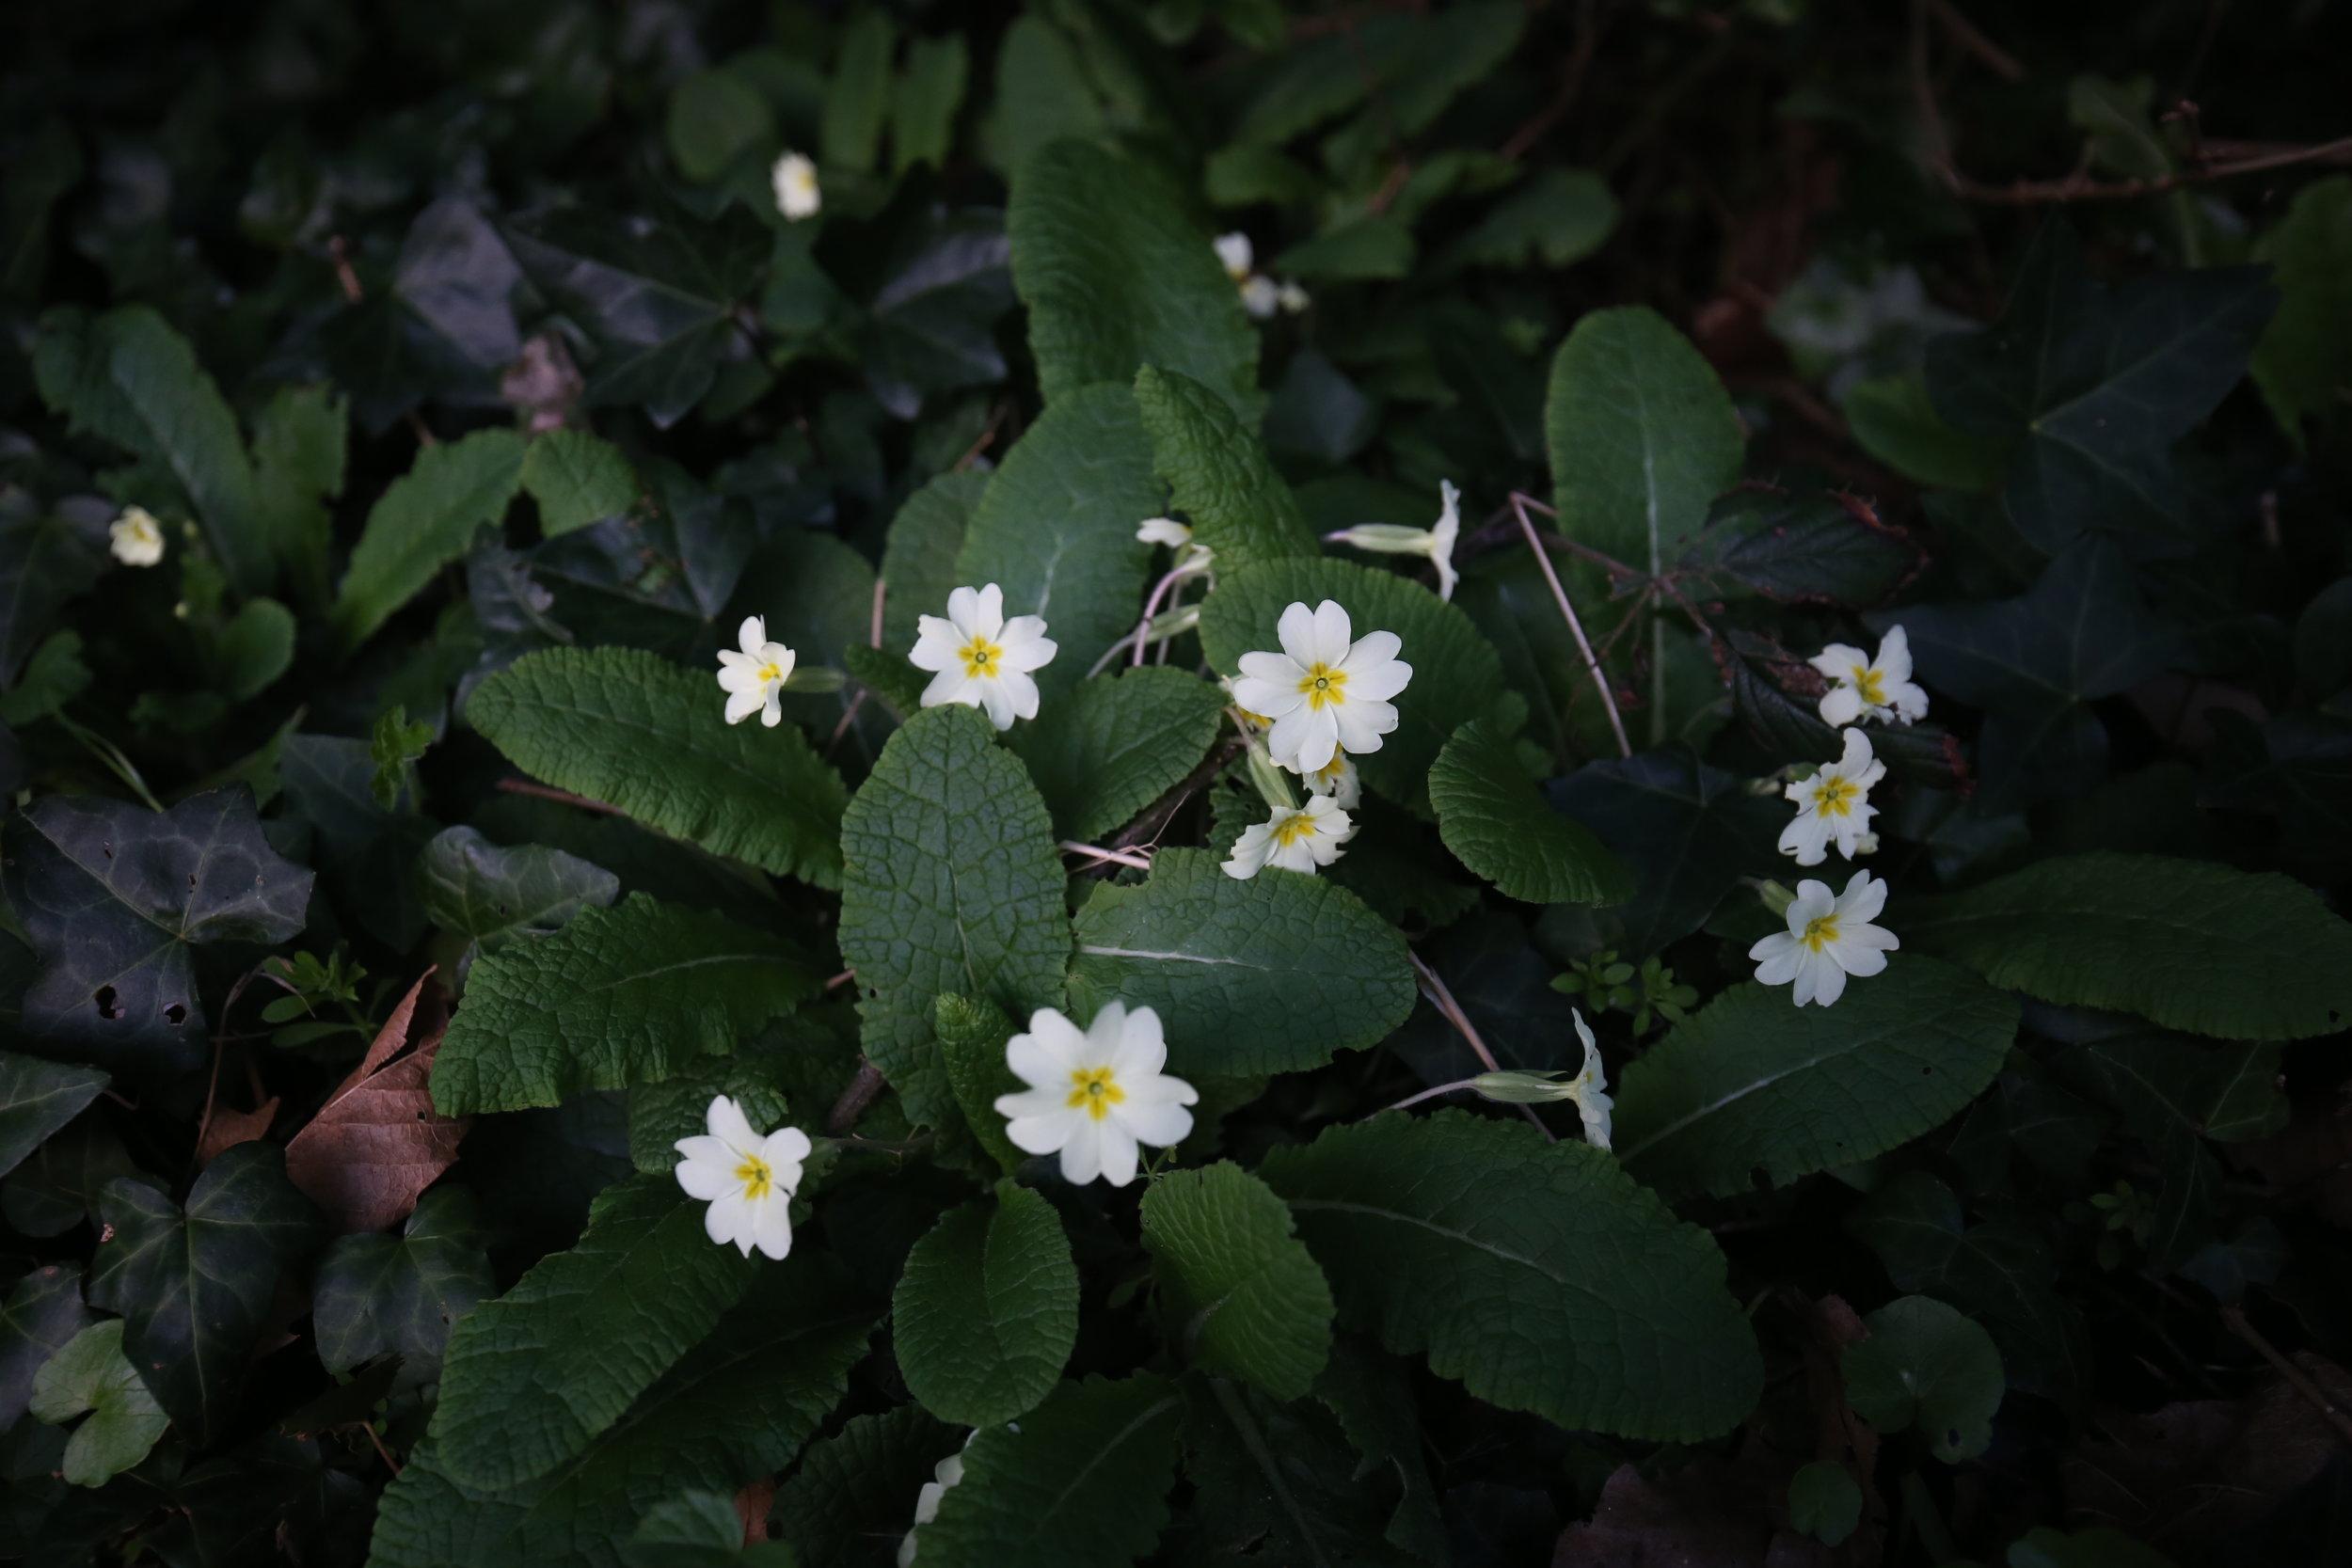 White primroses in the dark.